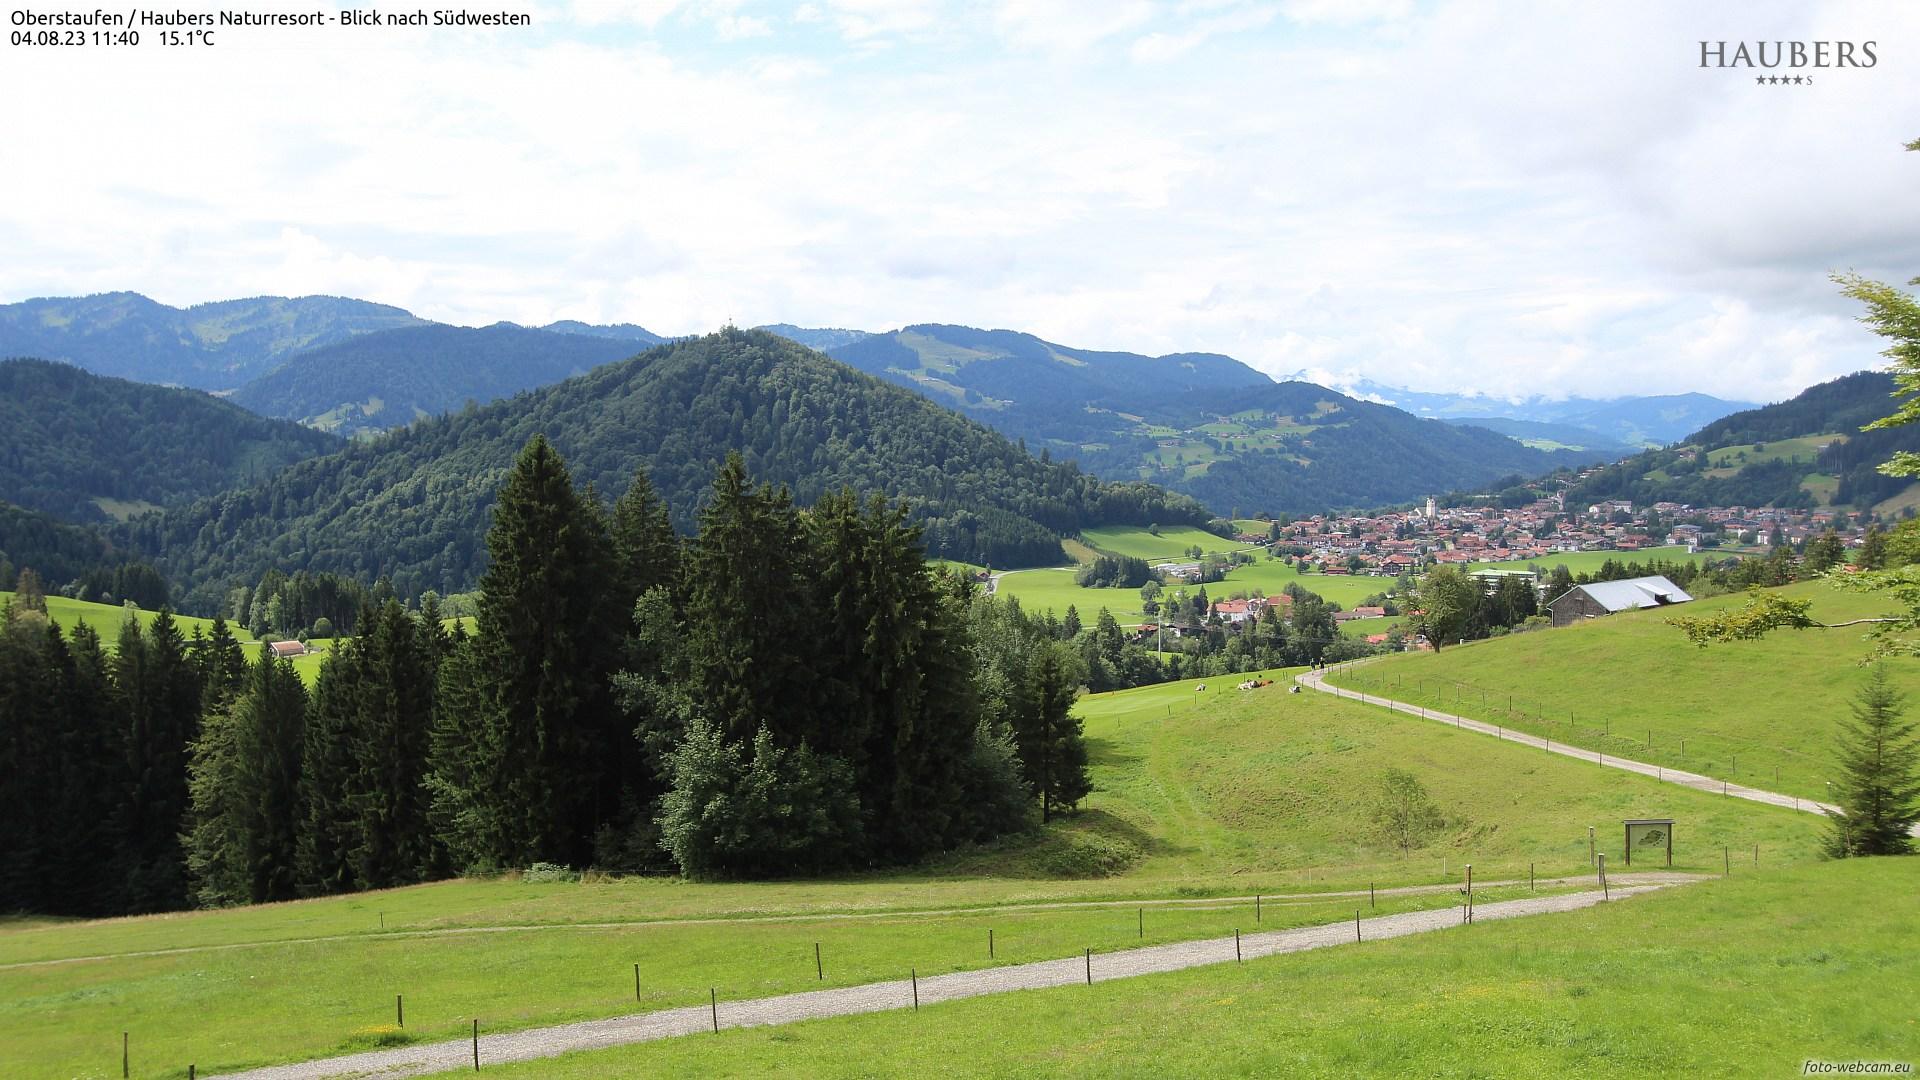 Webcam Oberstaufen - Haubers Alpenresort